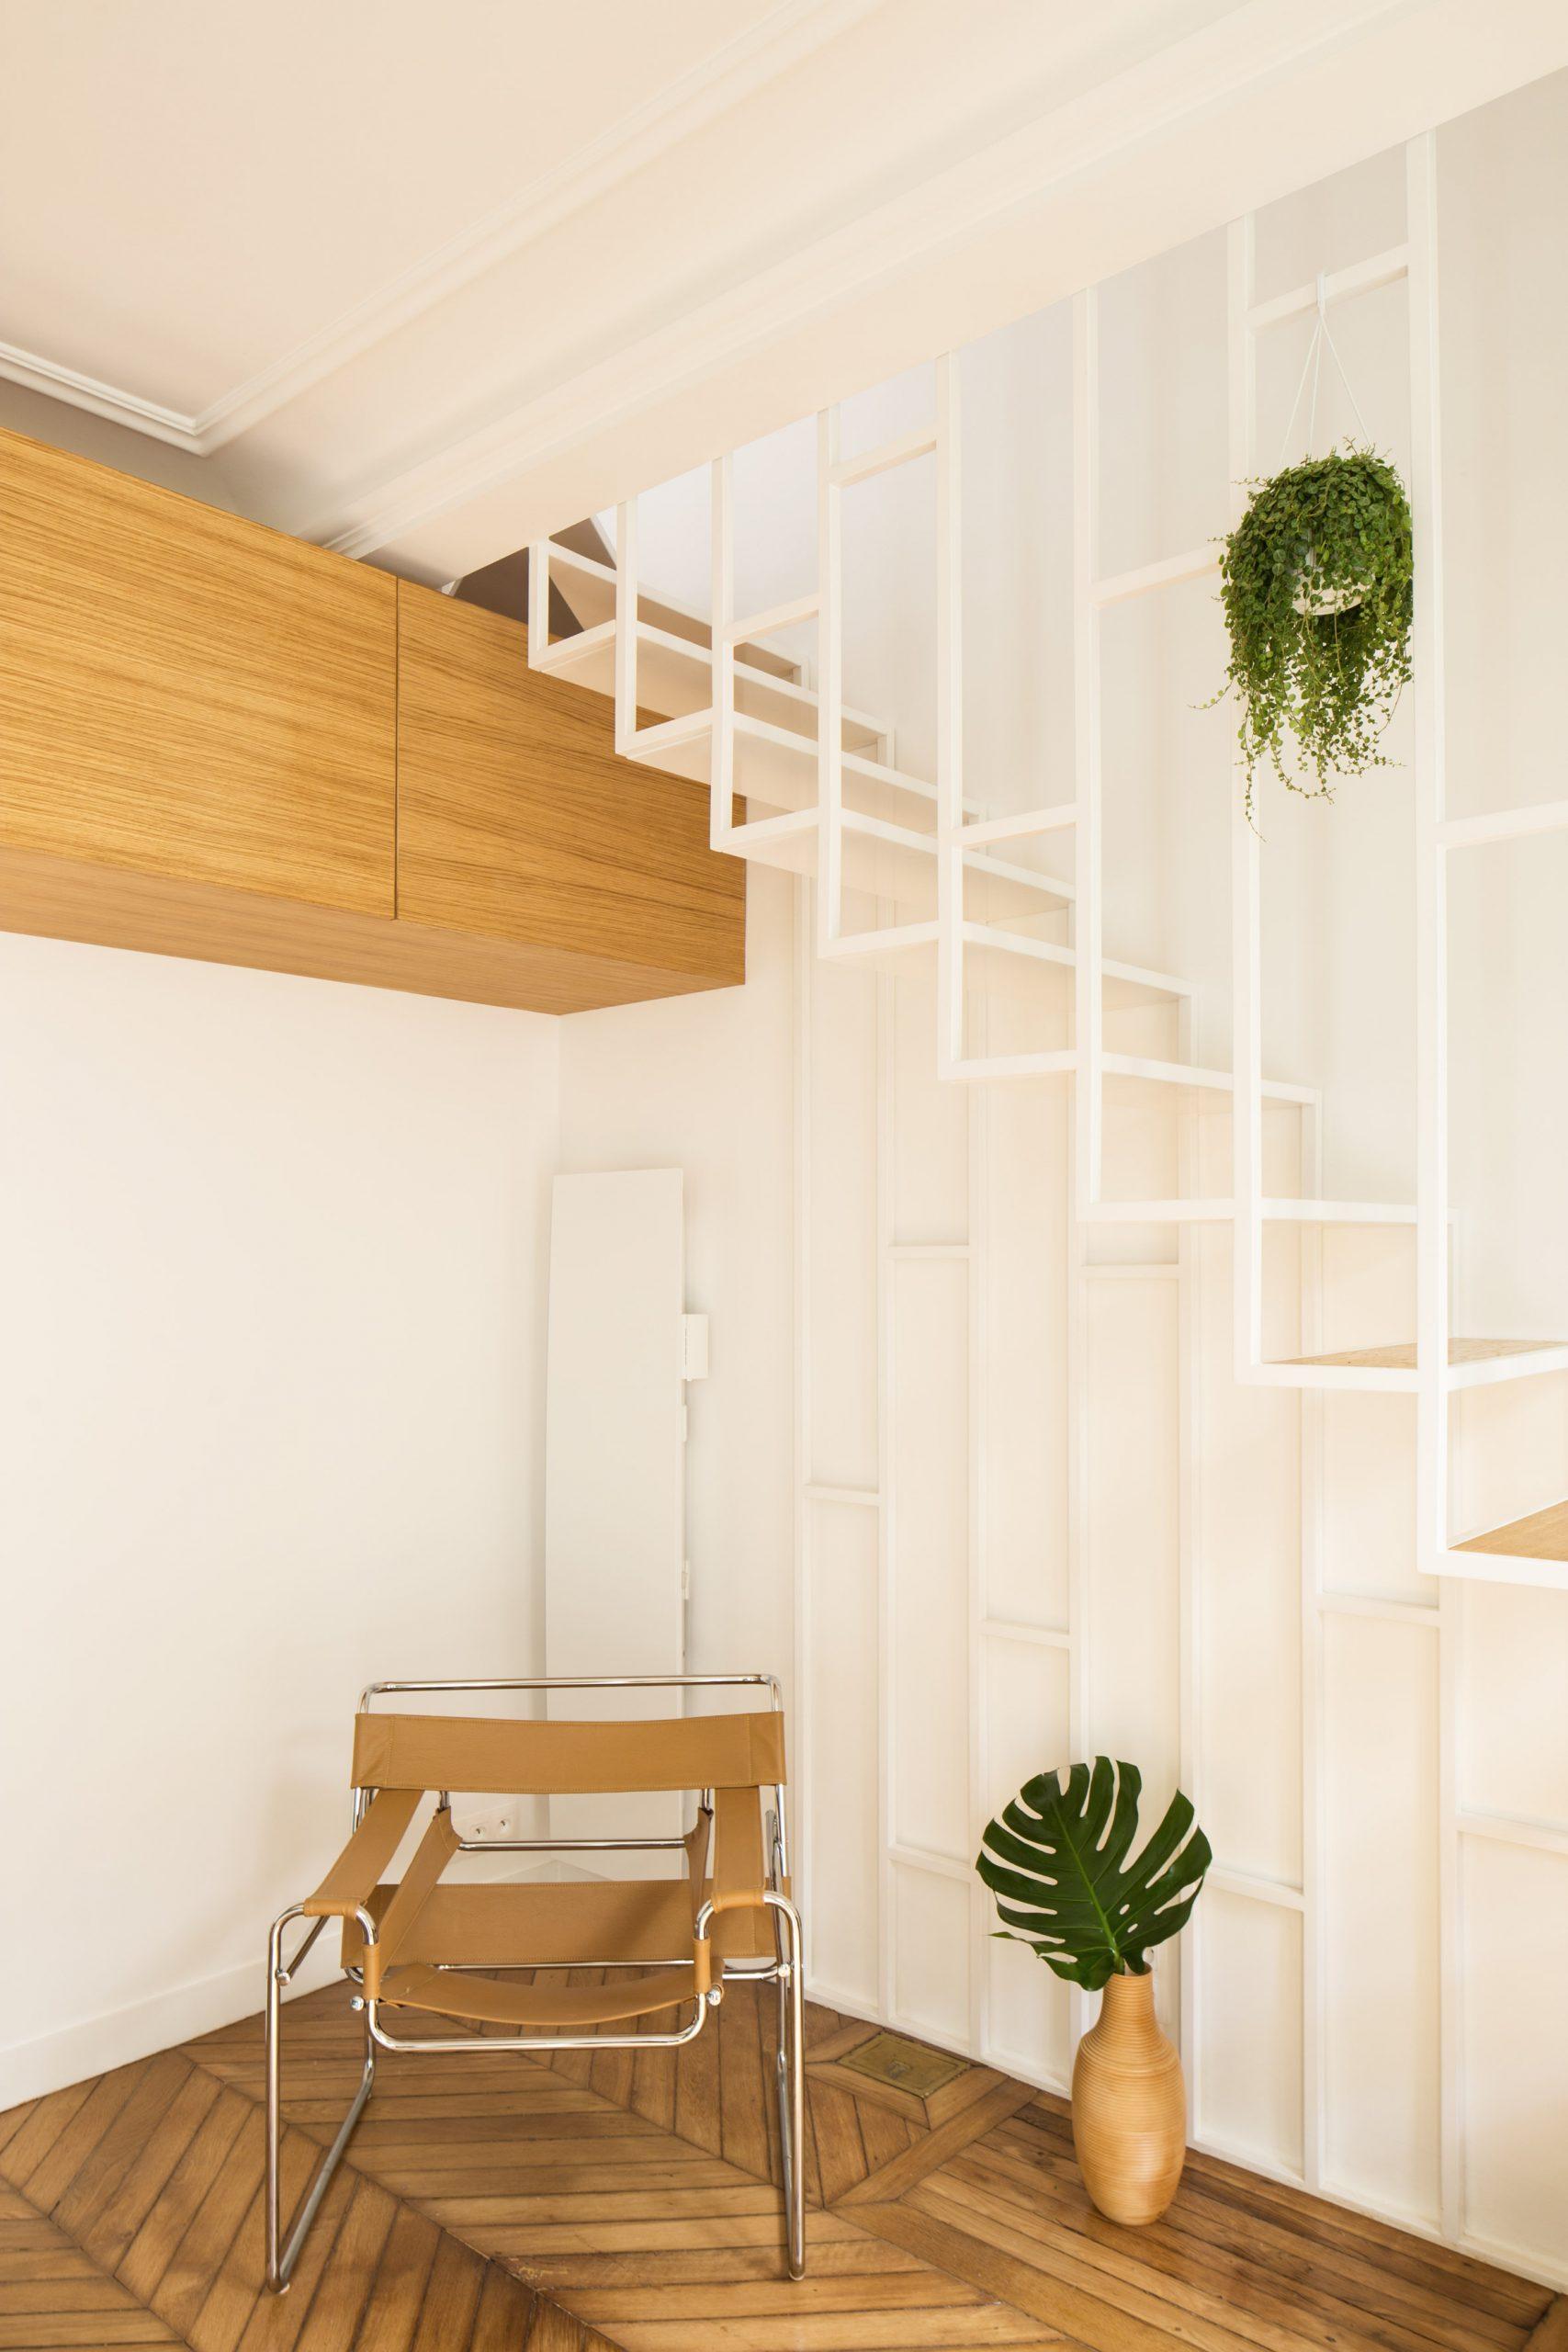 Thiết kế cầu thang cho nhà nhỏ 6